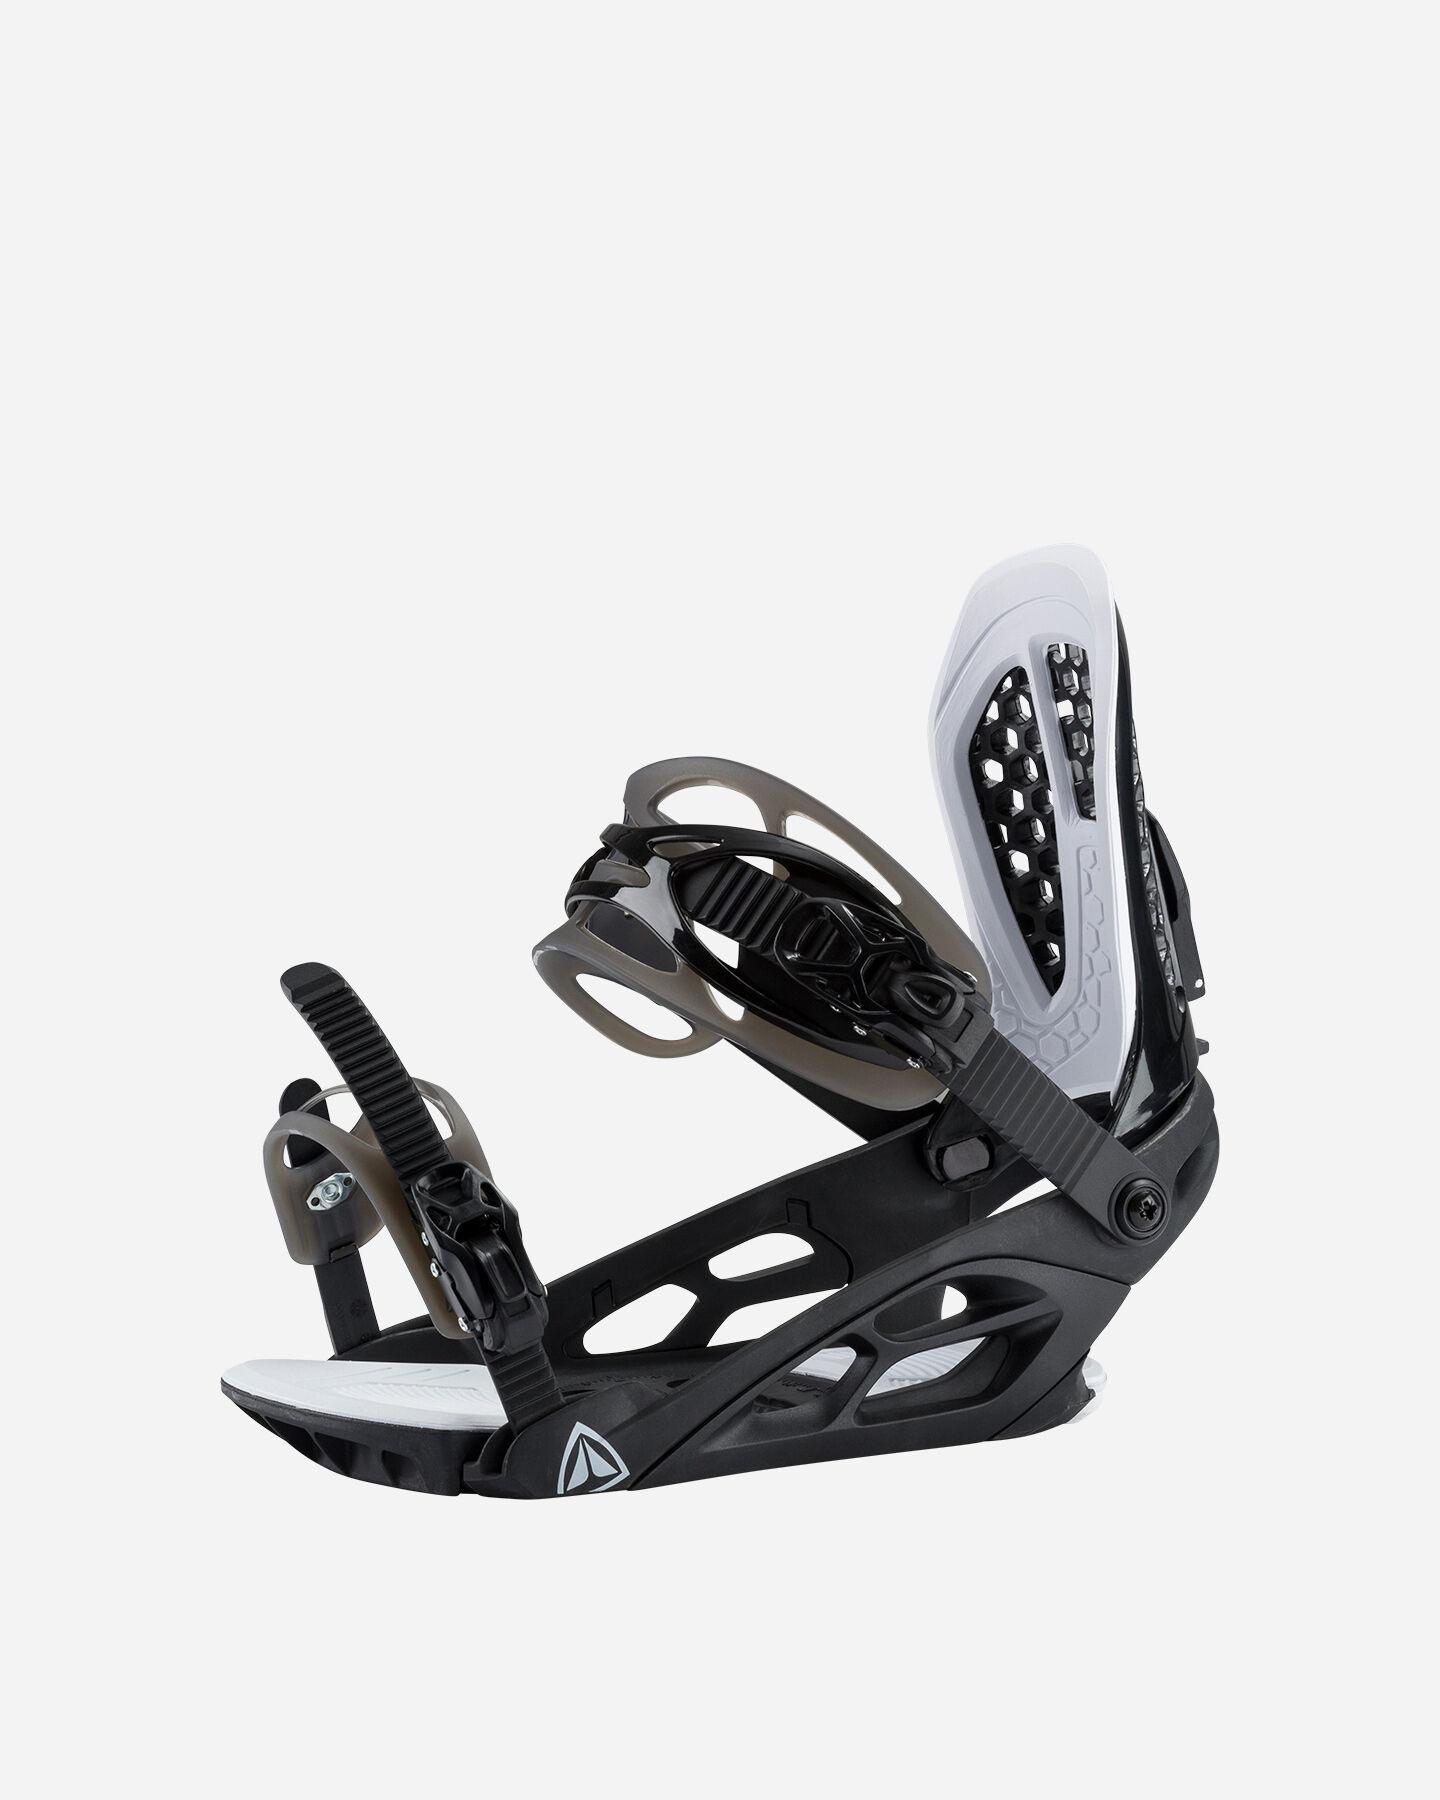 Attacchi snowboard FIREFLY  AX1 S2003618 scatto 3